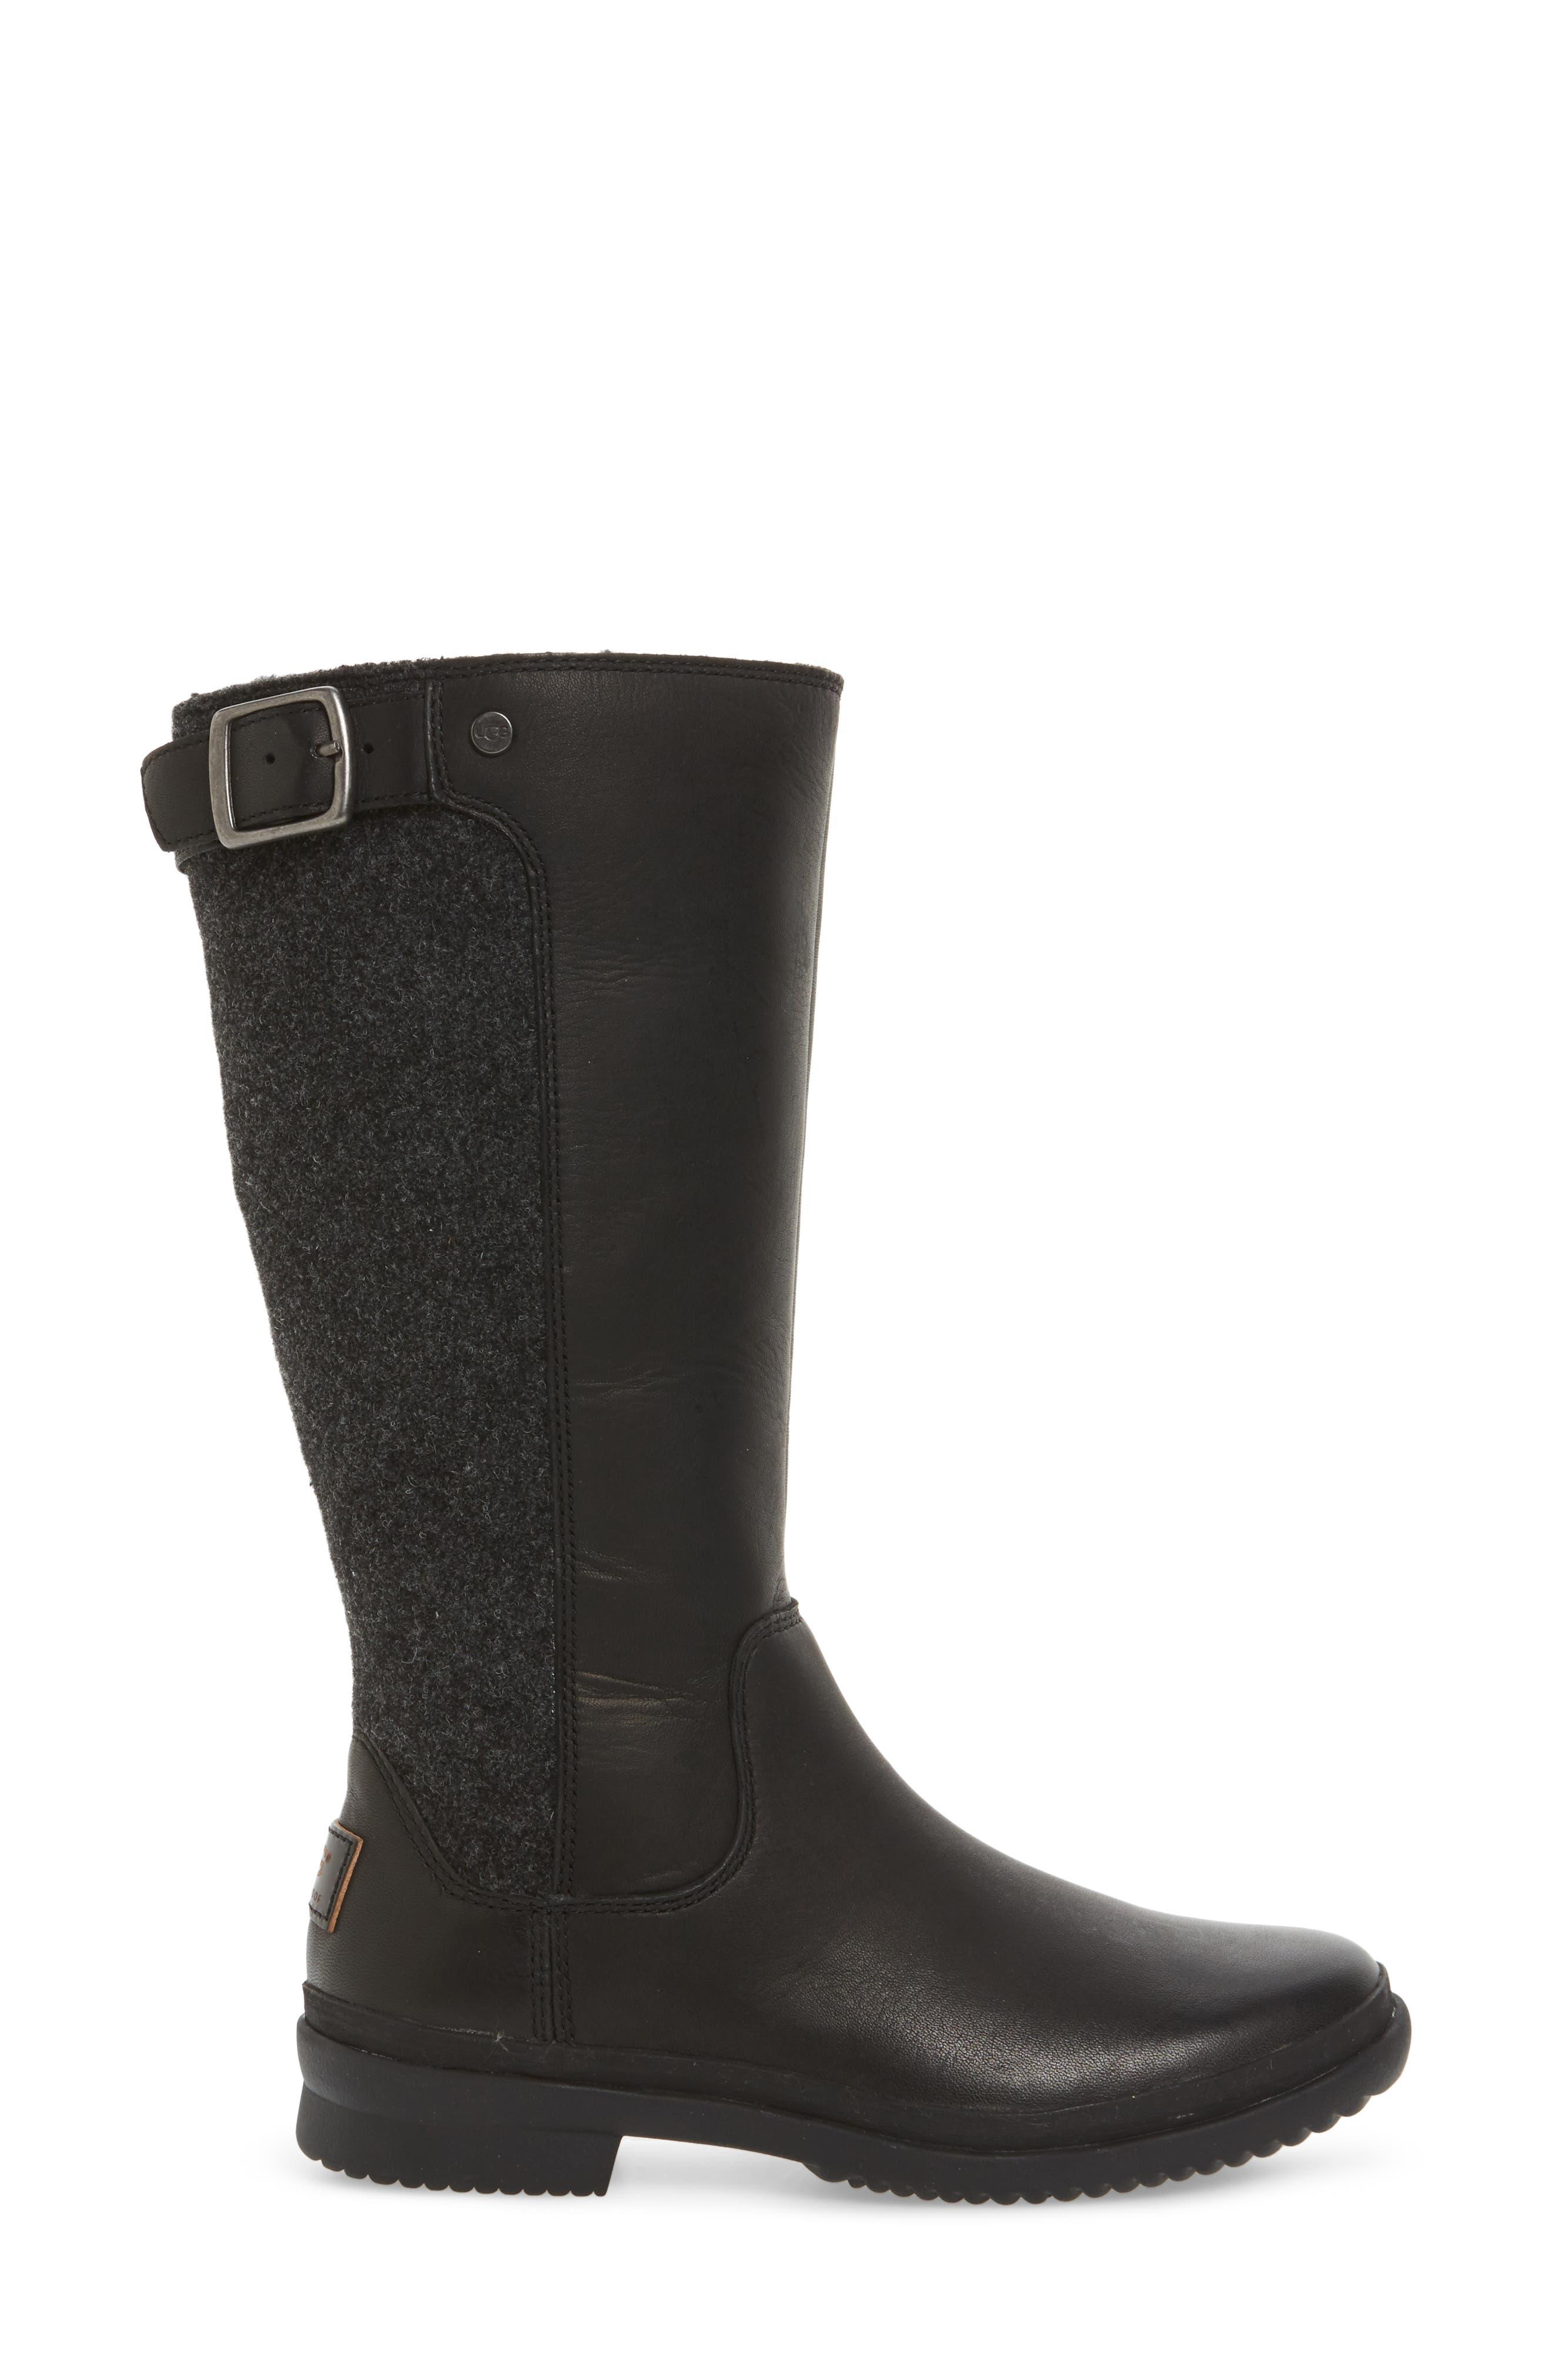 Janina Rain Boot,                             Alternate thumbnail 3, color,                             Black Leather